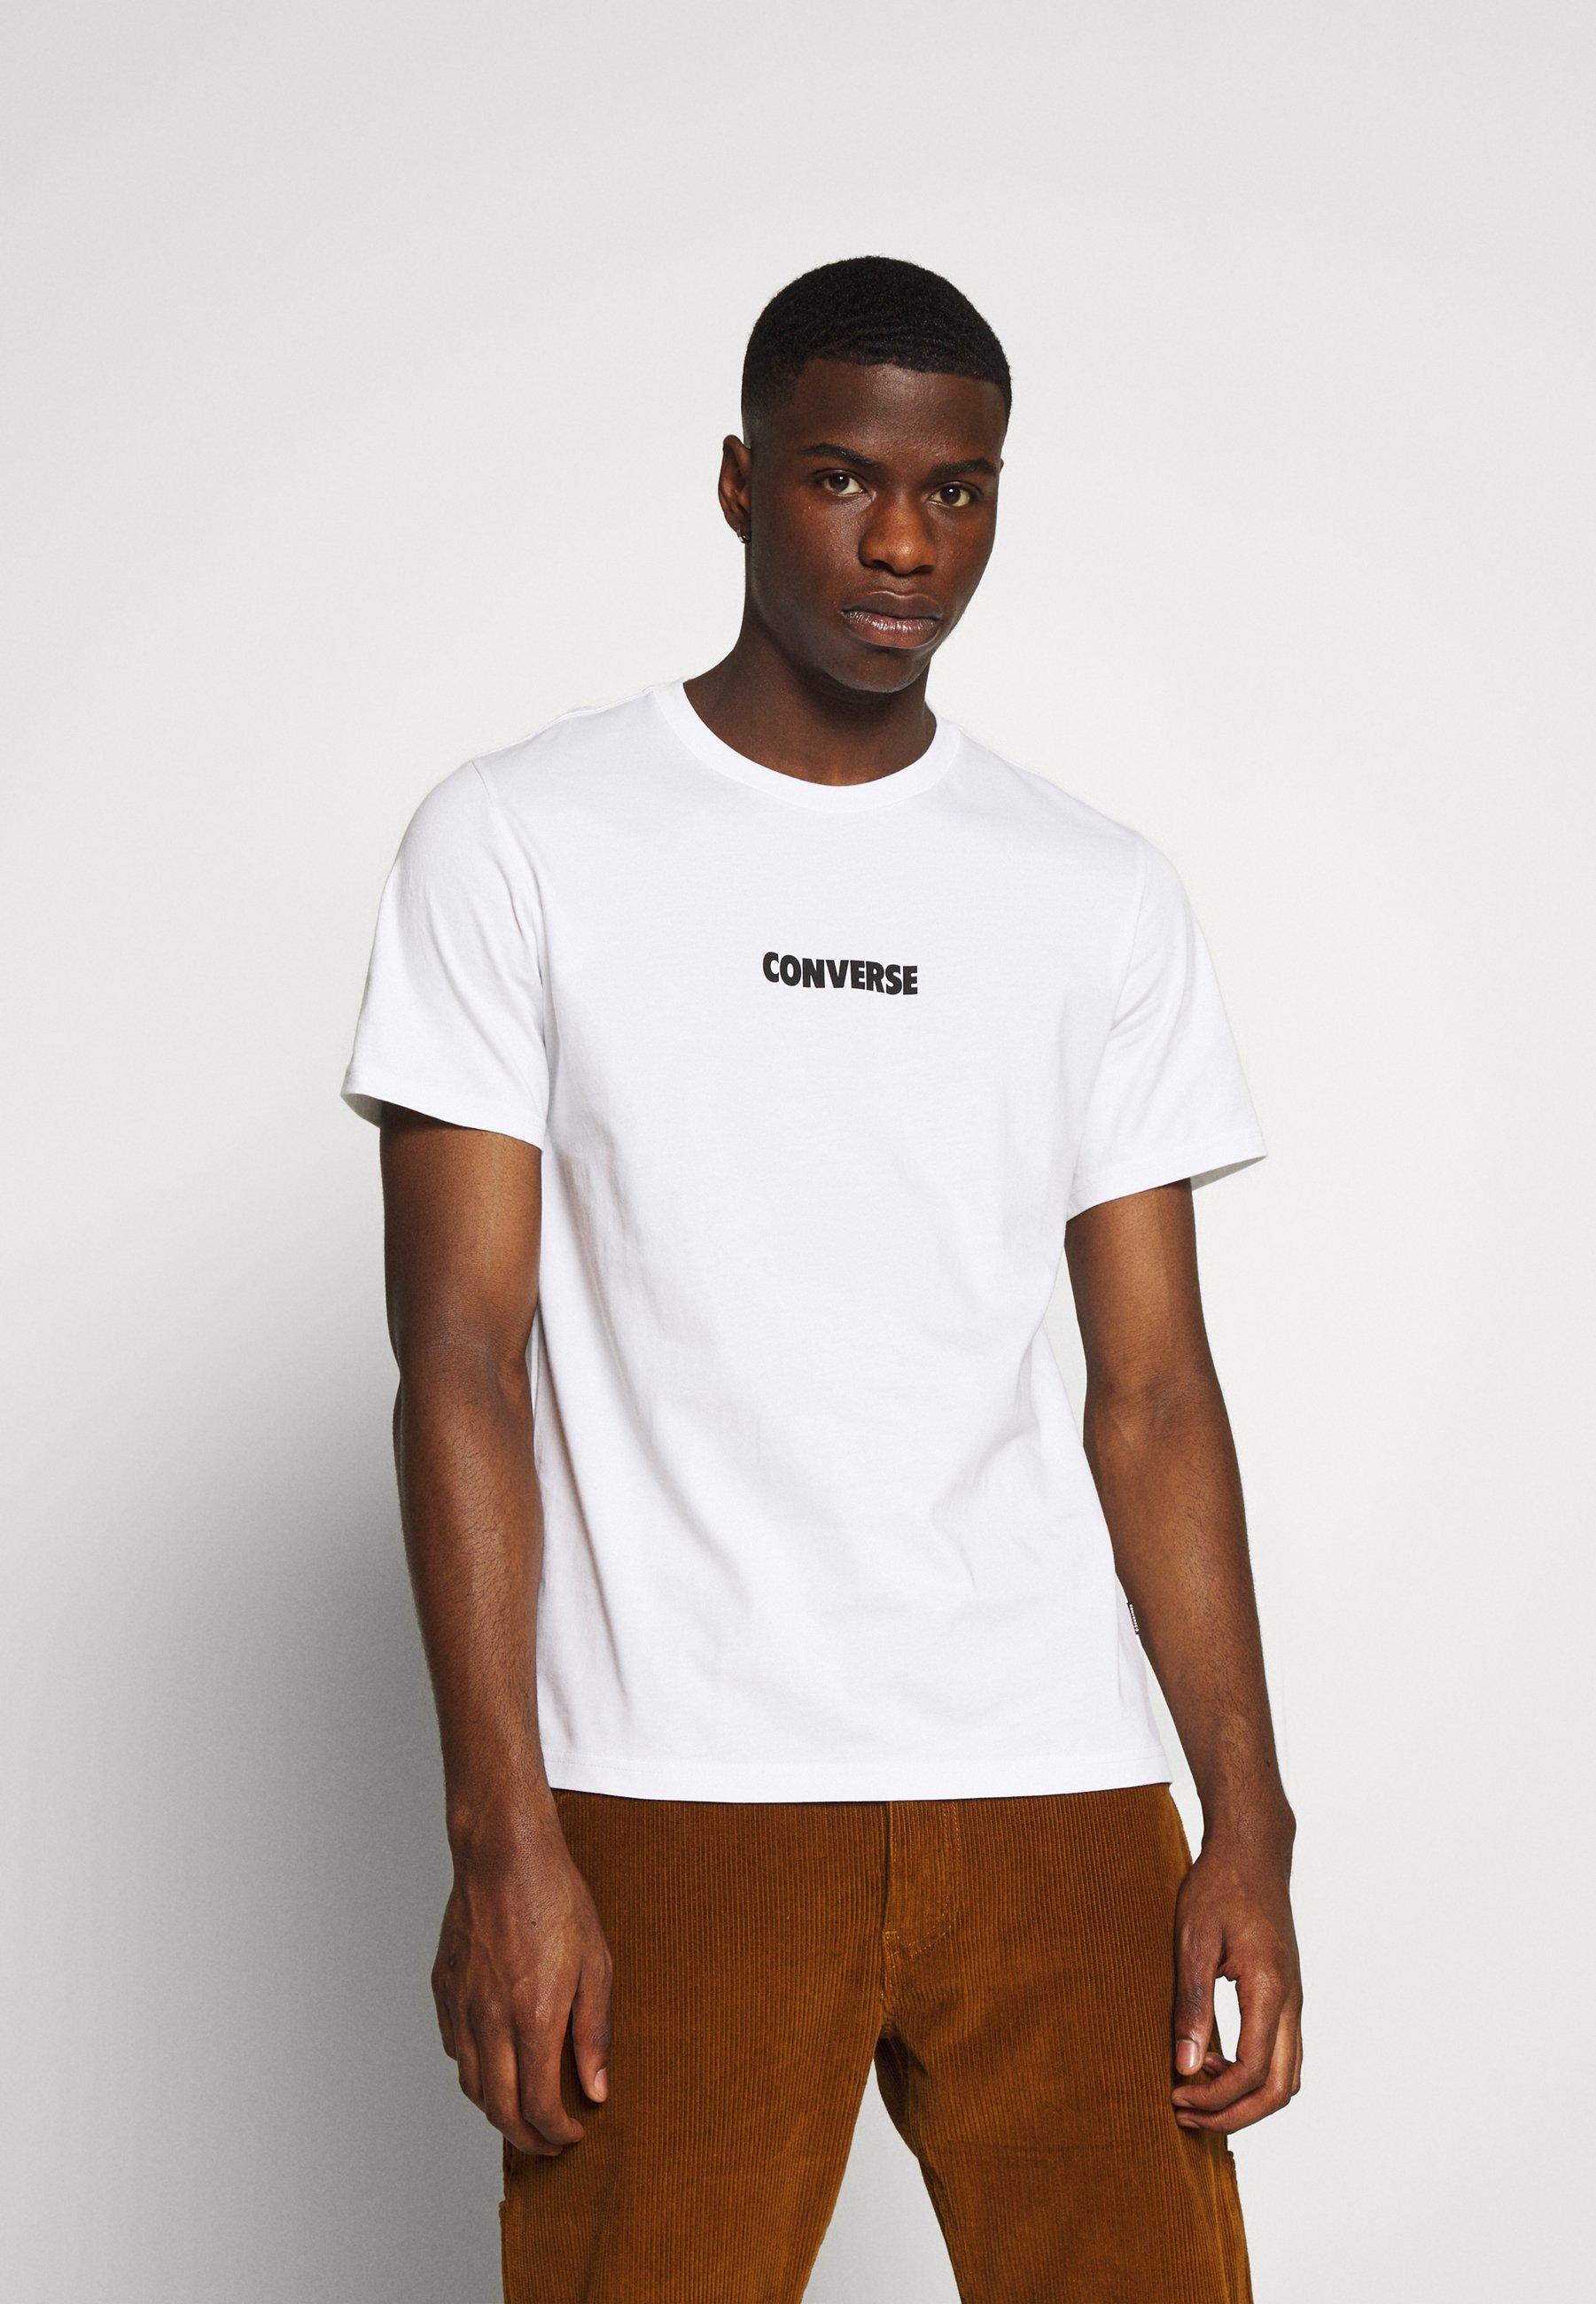 Converse All Star Mens T Shirt | BET C